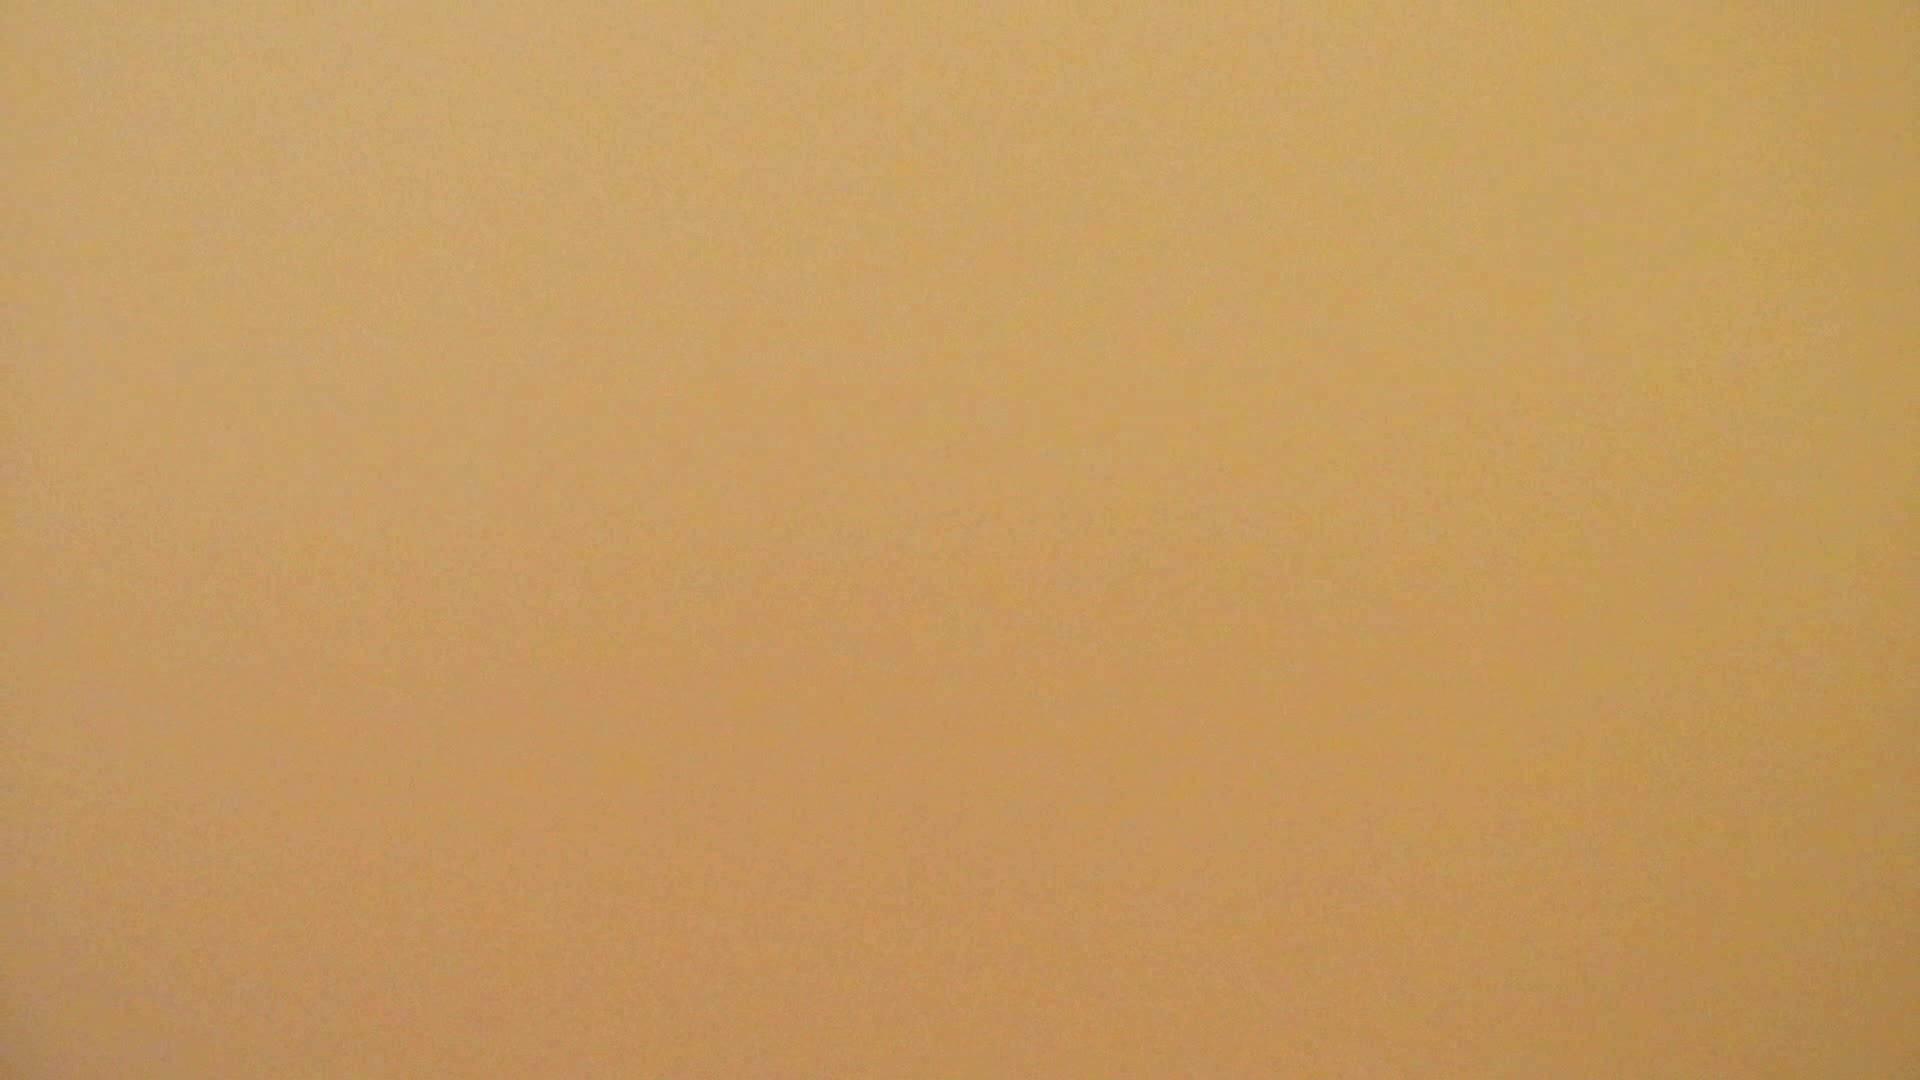 洗寿観音さんの 化粧室は四面楚歌Nol.6 洗面所のぞき AV無料 96枚 74